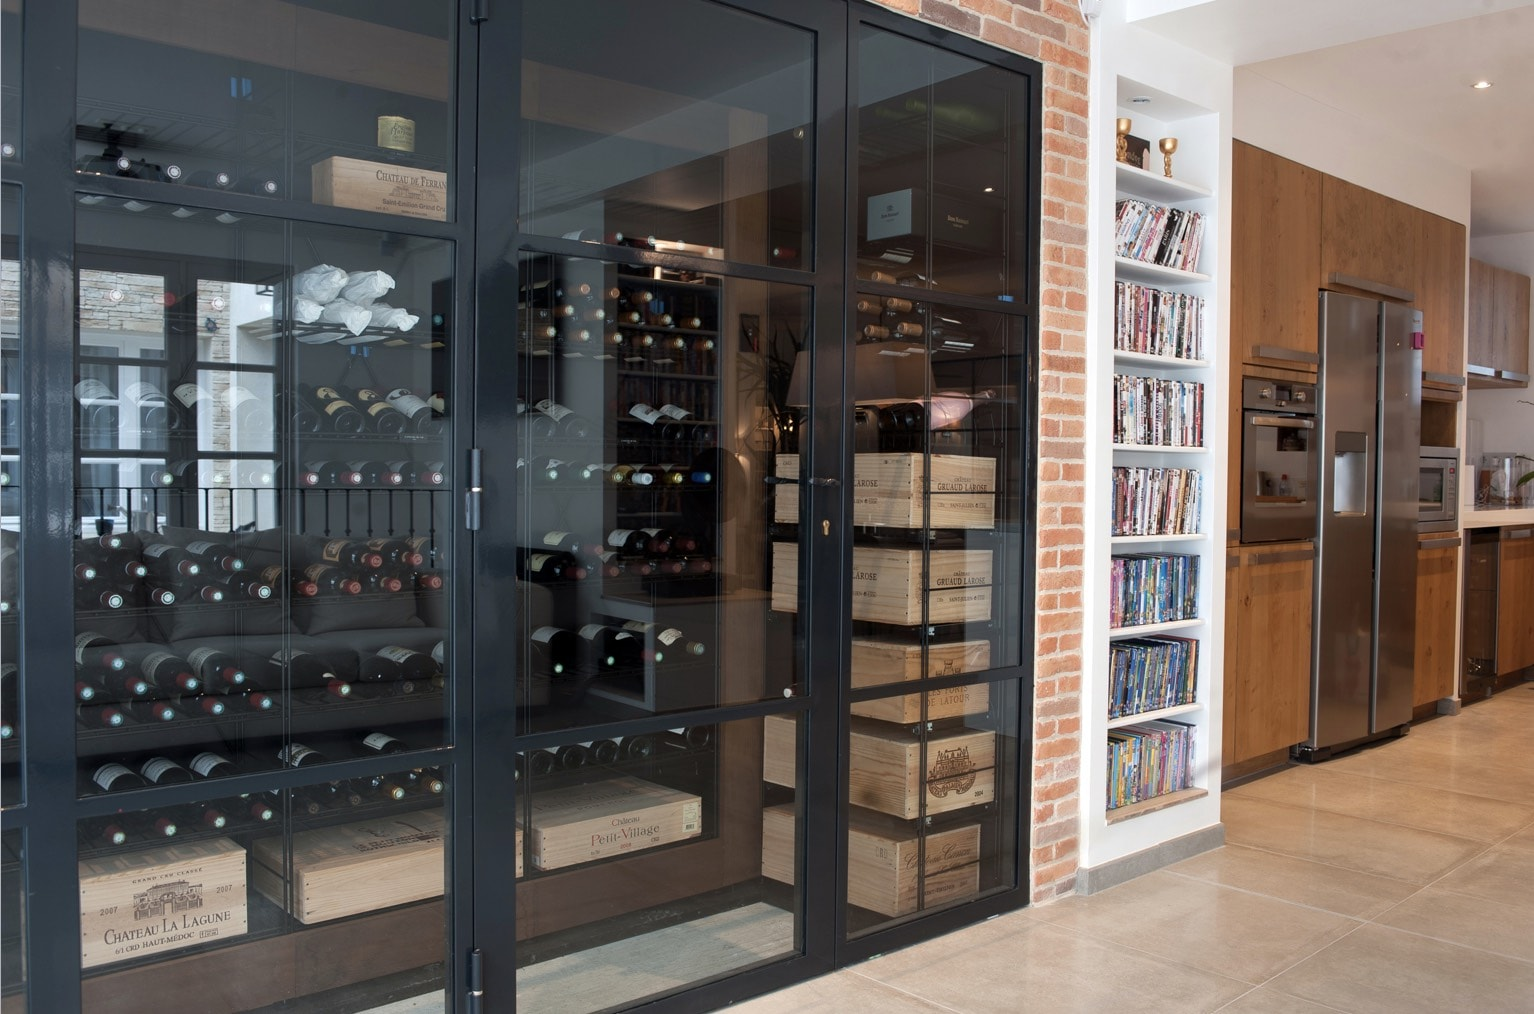 travaux de r novation d 39 une maison de ville i moutiez haller. Black Bedroom Furniture Sets. Home Design Ideas